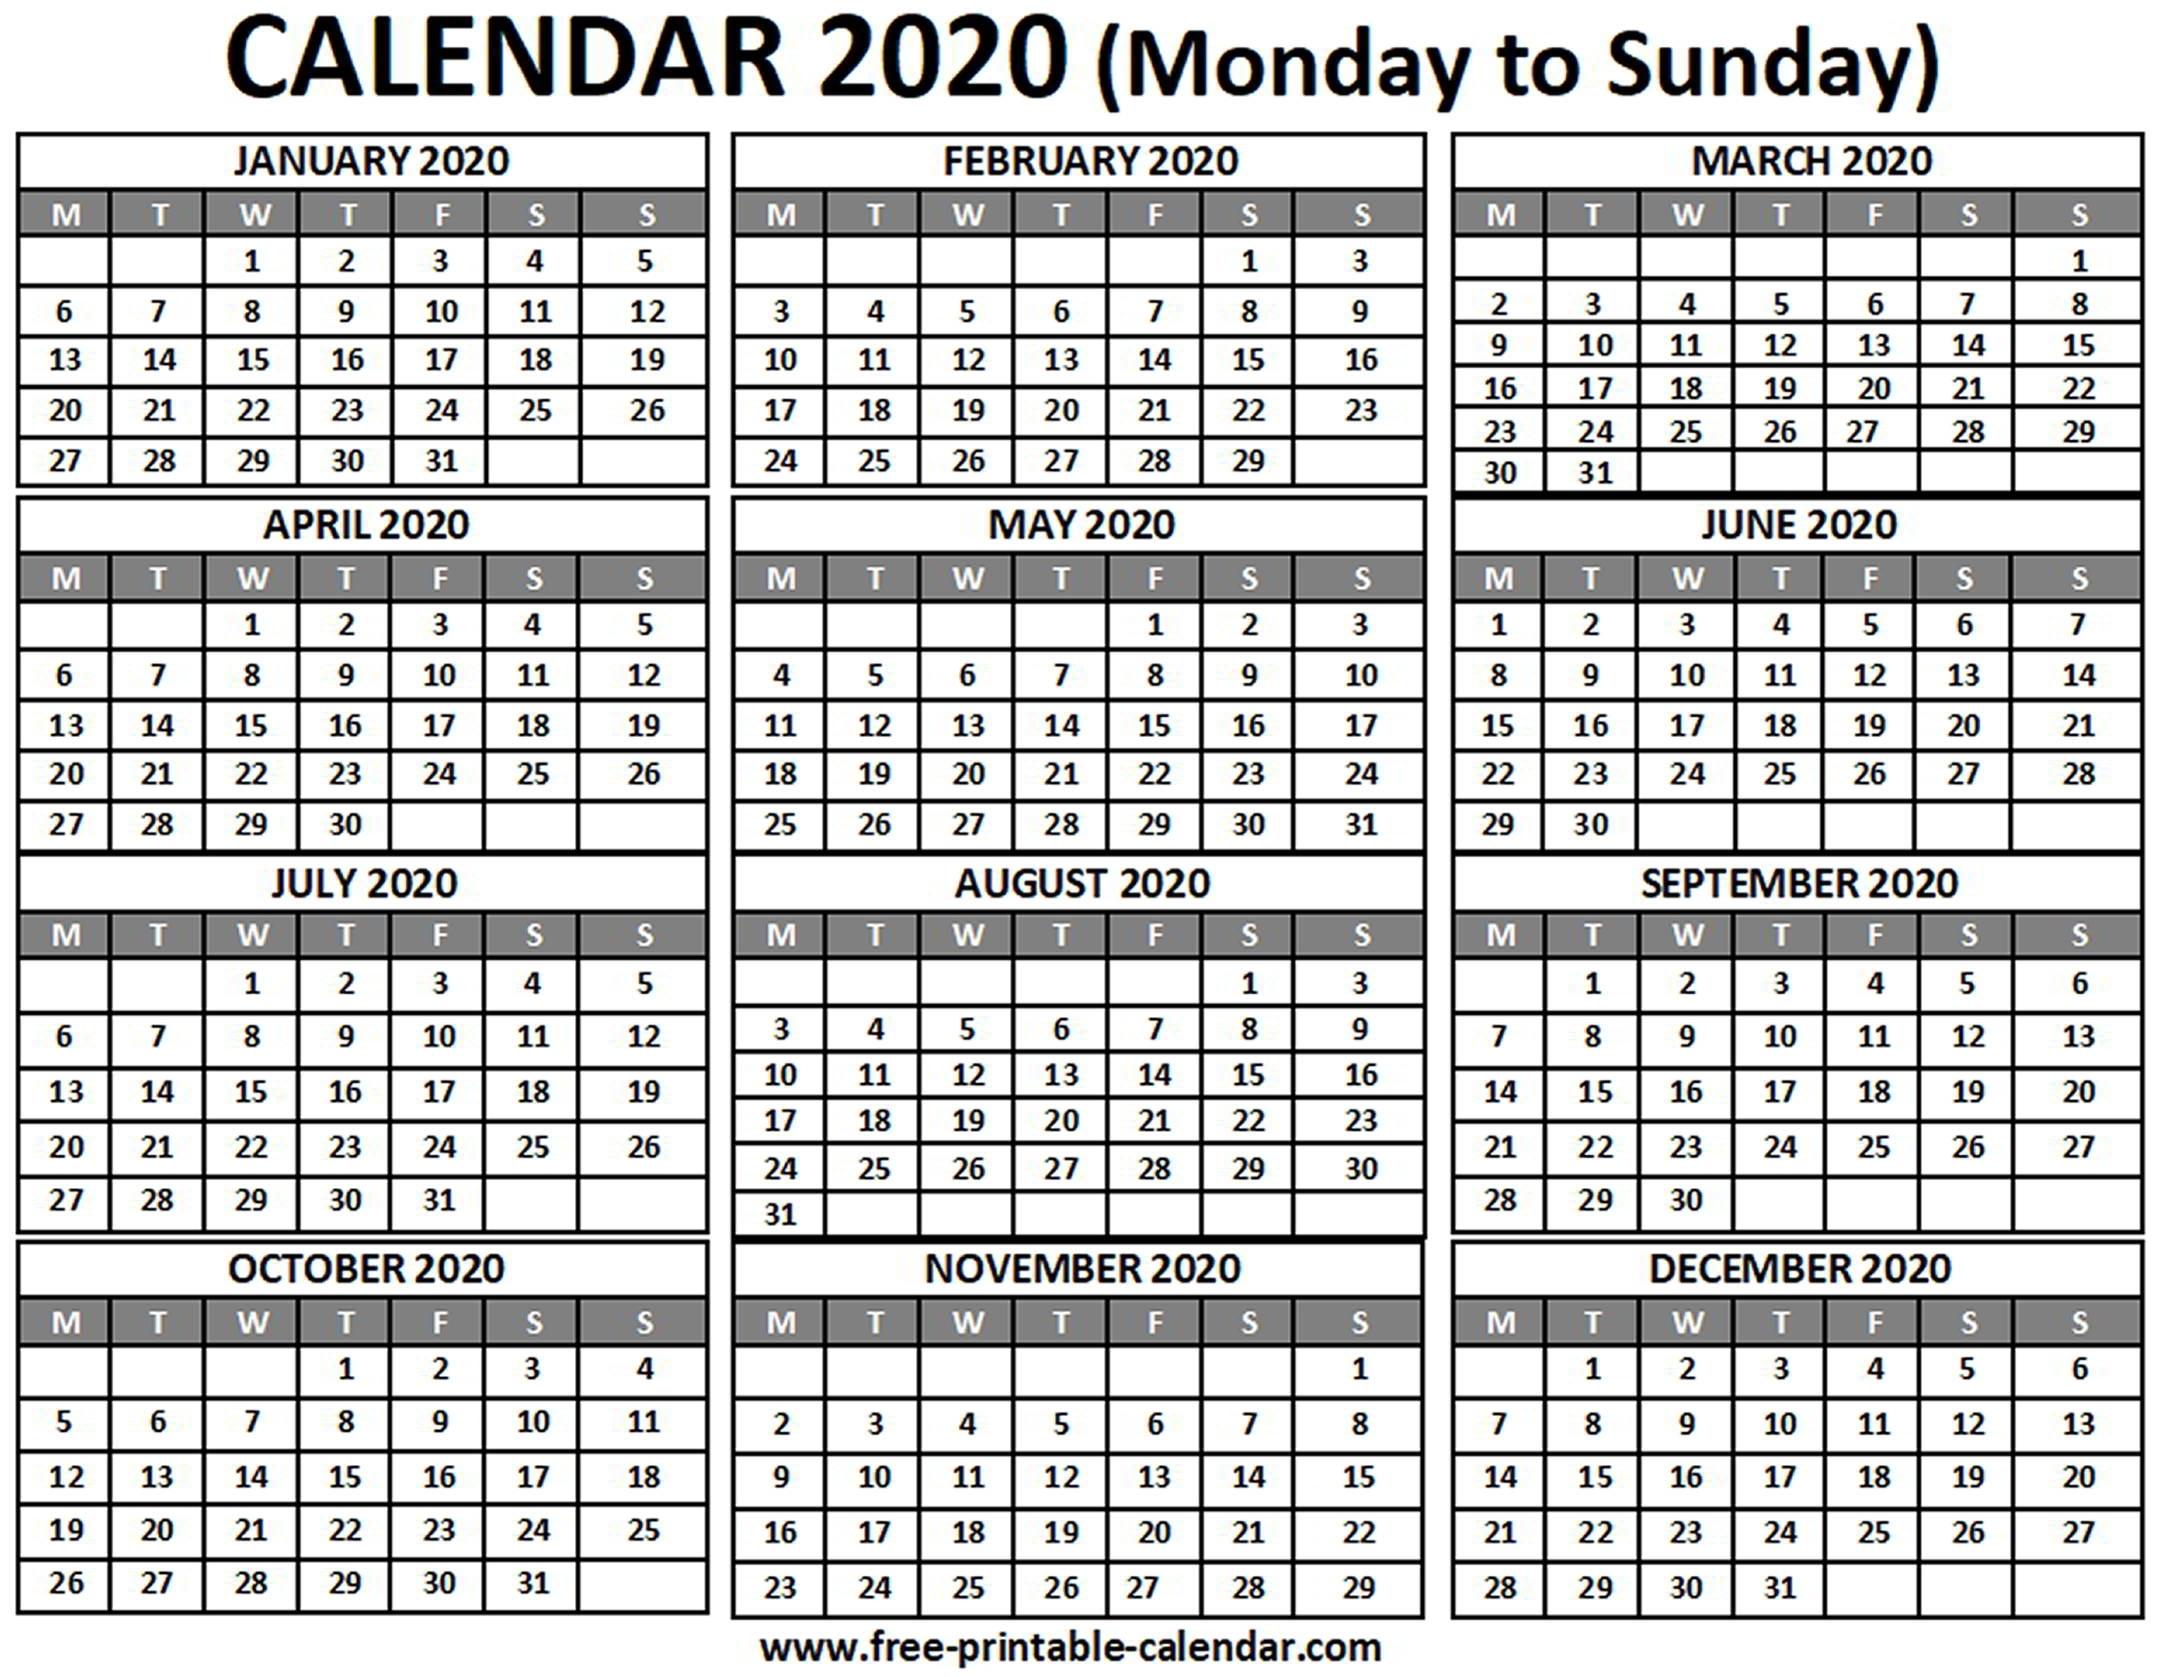 2020 Calendar - Free-Printable-Calendar in 2020 Calendar Printable Monday Sunday